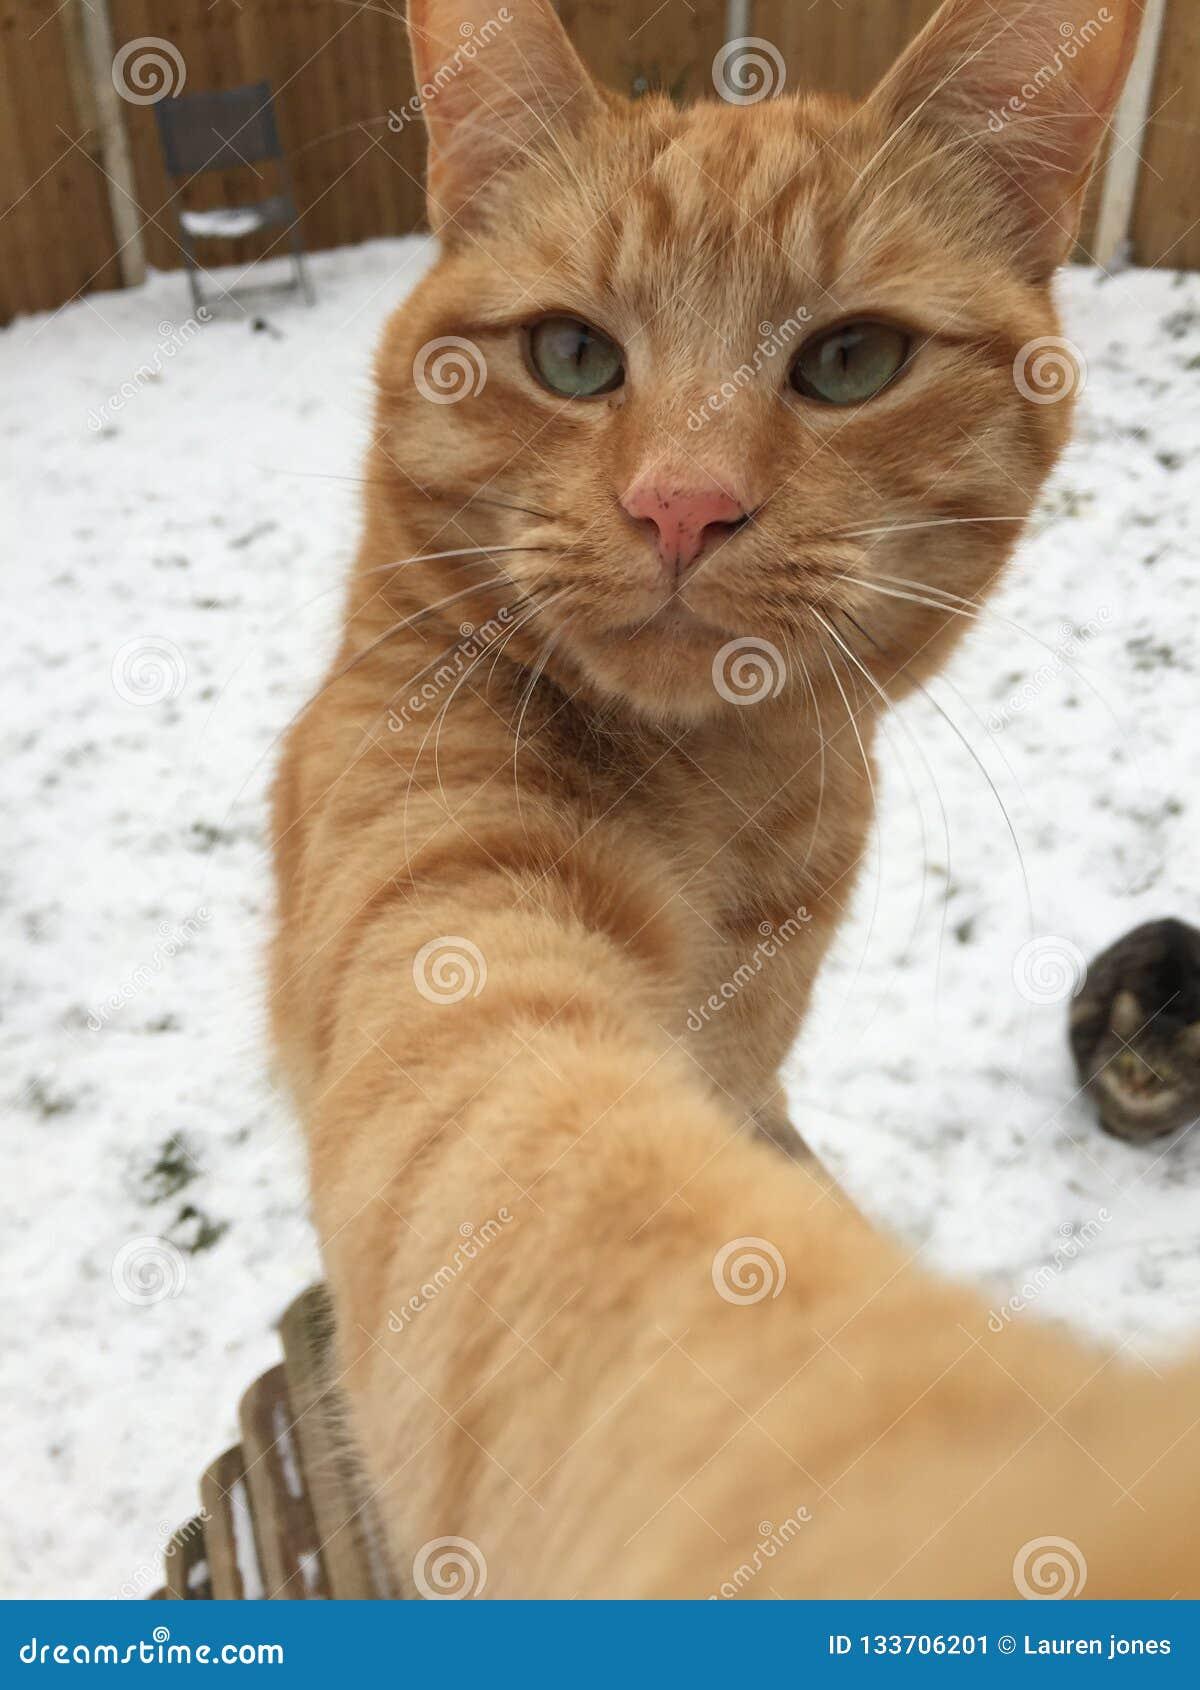 Charmeurkat in sneeuw